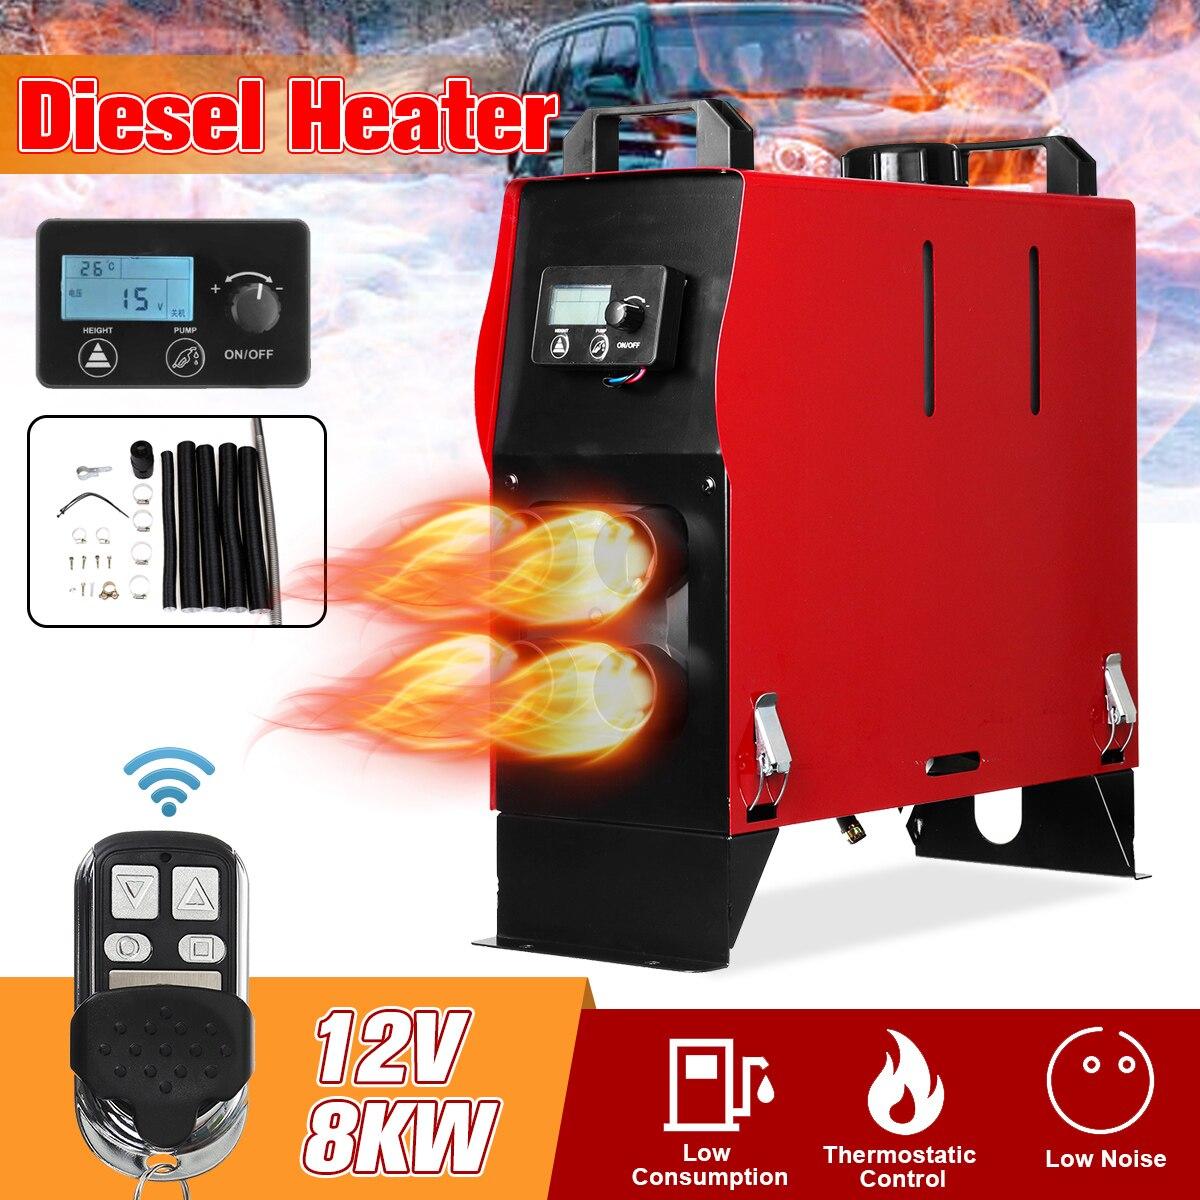 8KW 12V Integração 1/4 Buracos de Ar Diesel aquecedor de estacionamento ar Aquecedor Do Carro Com Controle Remoto do Interruptor Da Tela LCD de Poupança espaço